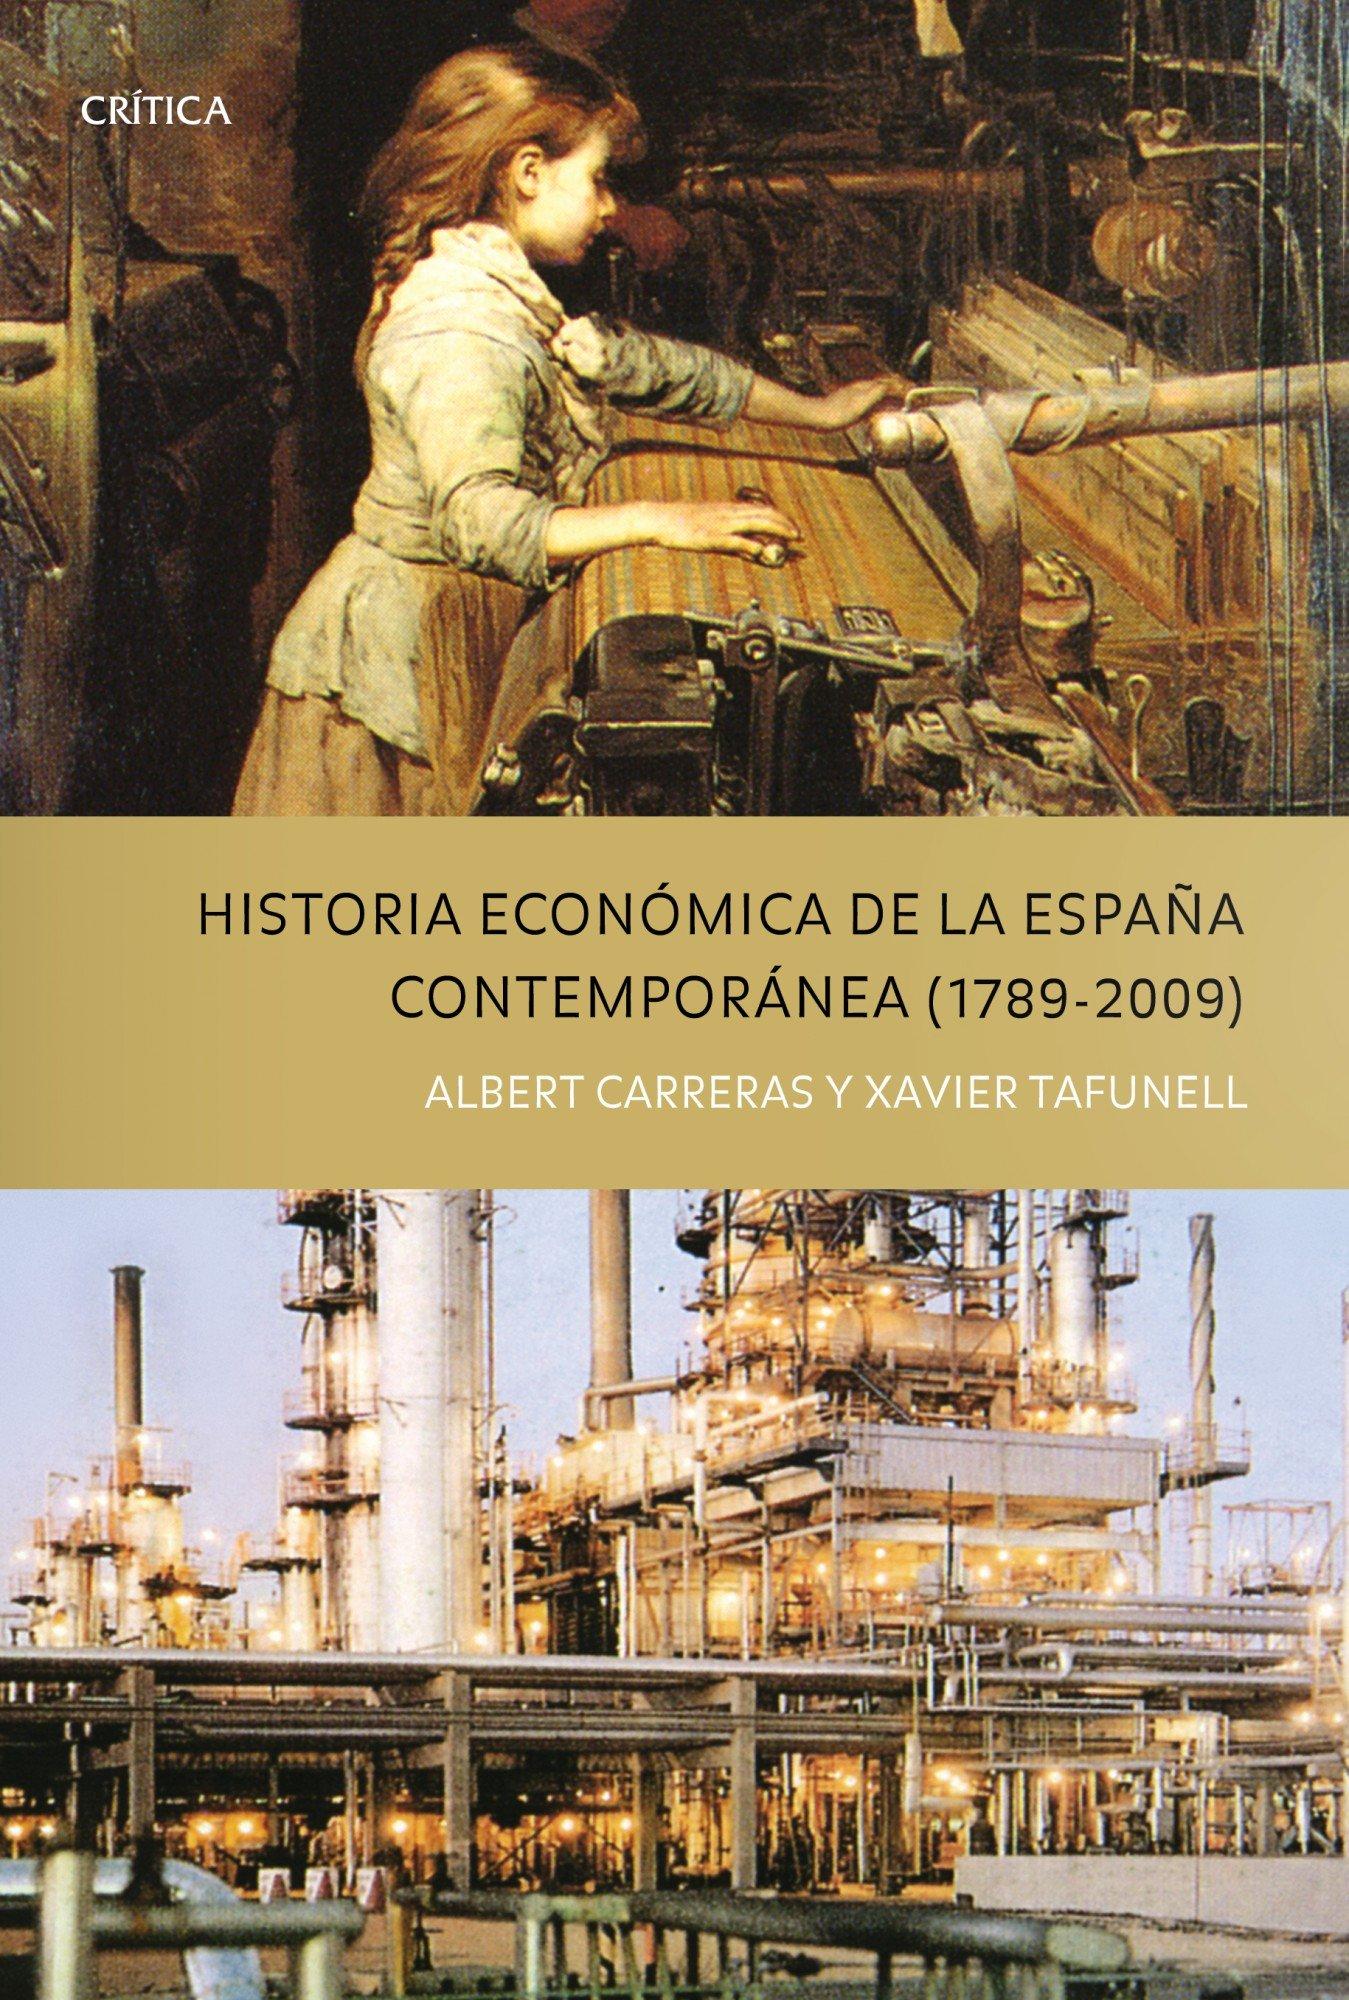 Historia económica de la España Contempóranea 1789 - 2009 Crítica/Historia del Mundo Moderno: Amazon.es: Carreras, Albert, Tafunell, Xavier: Libros